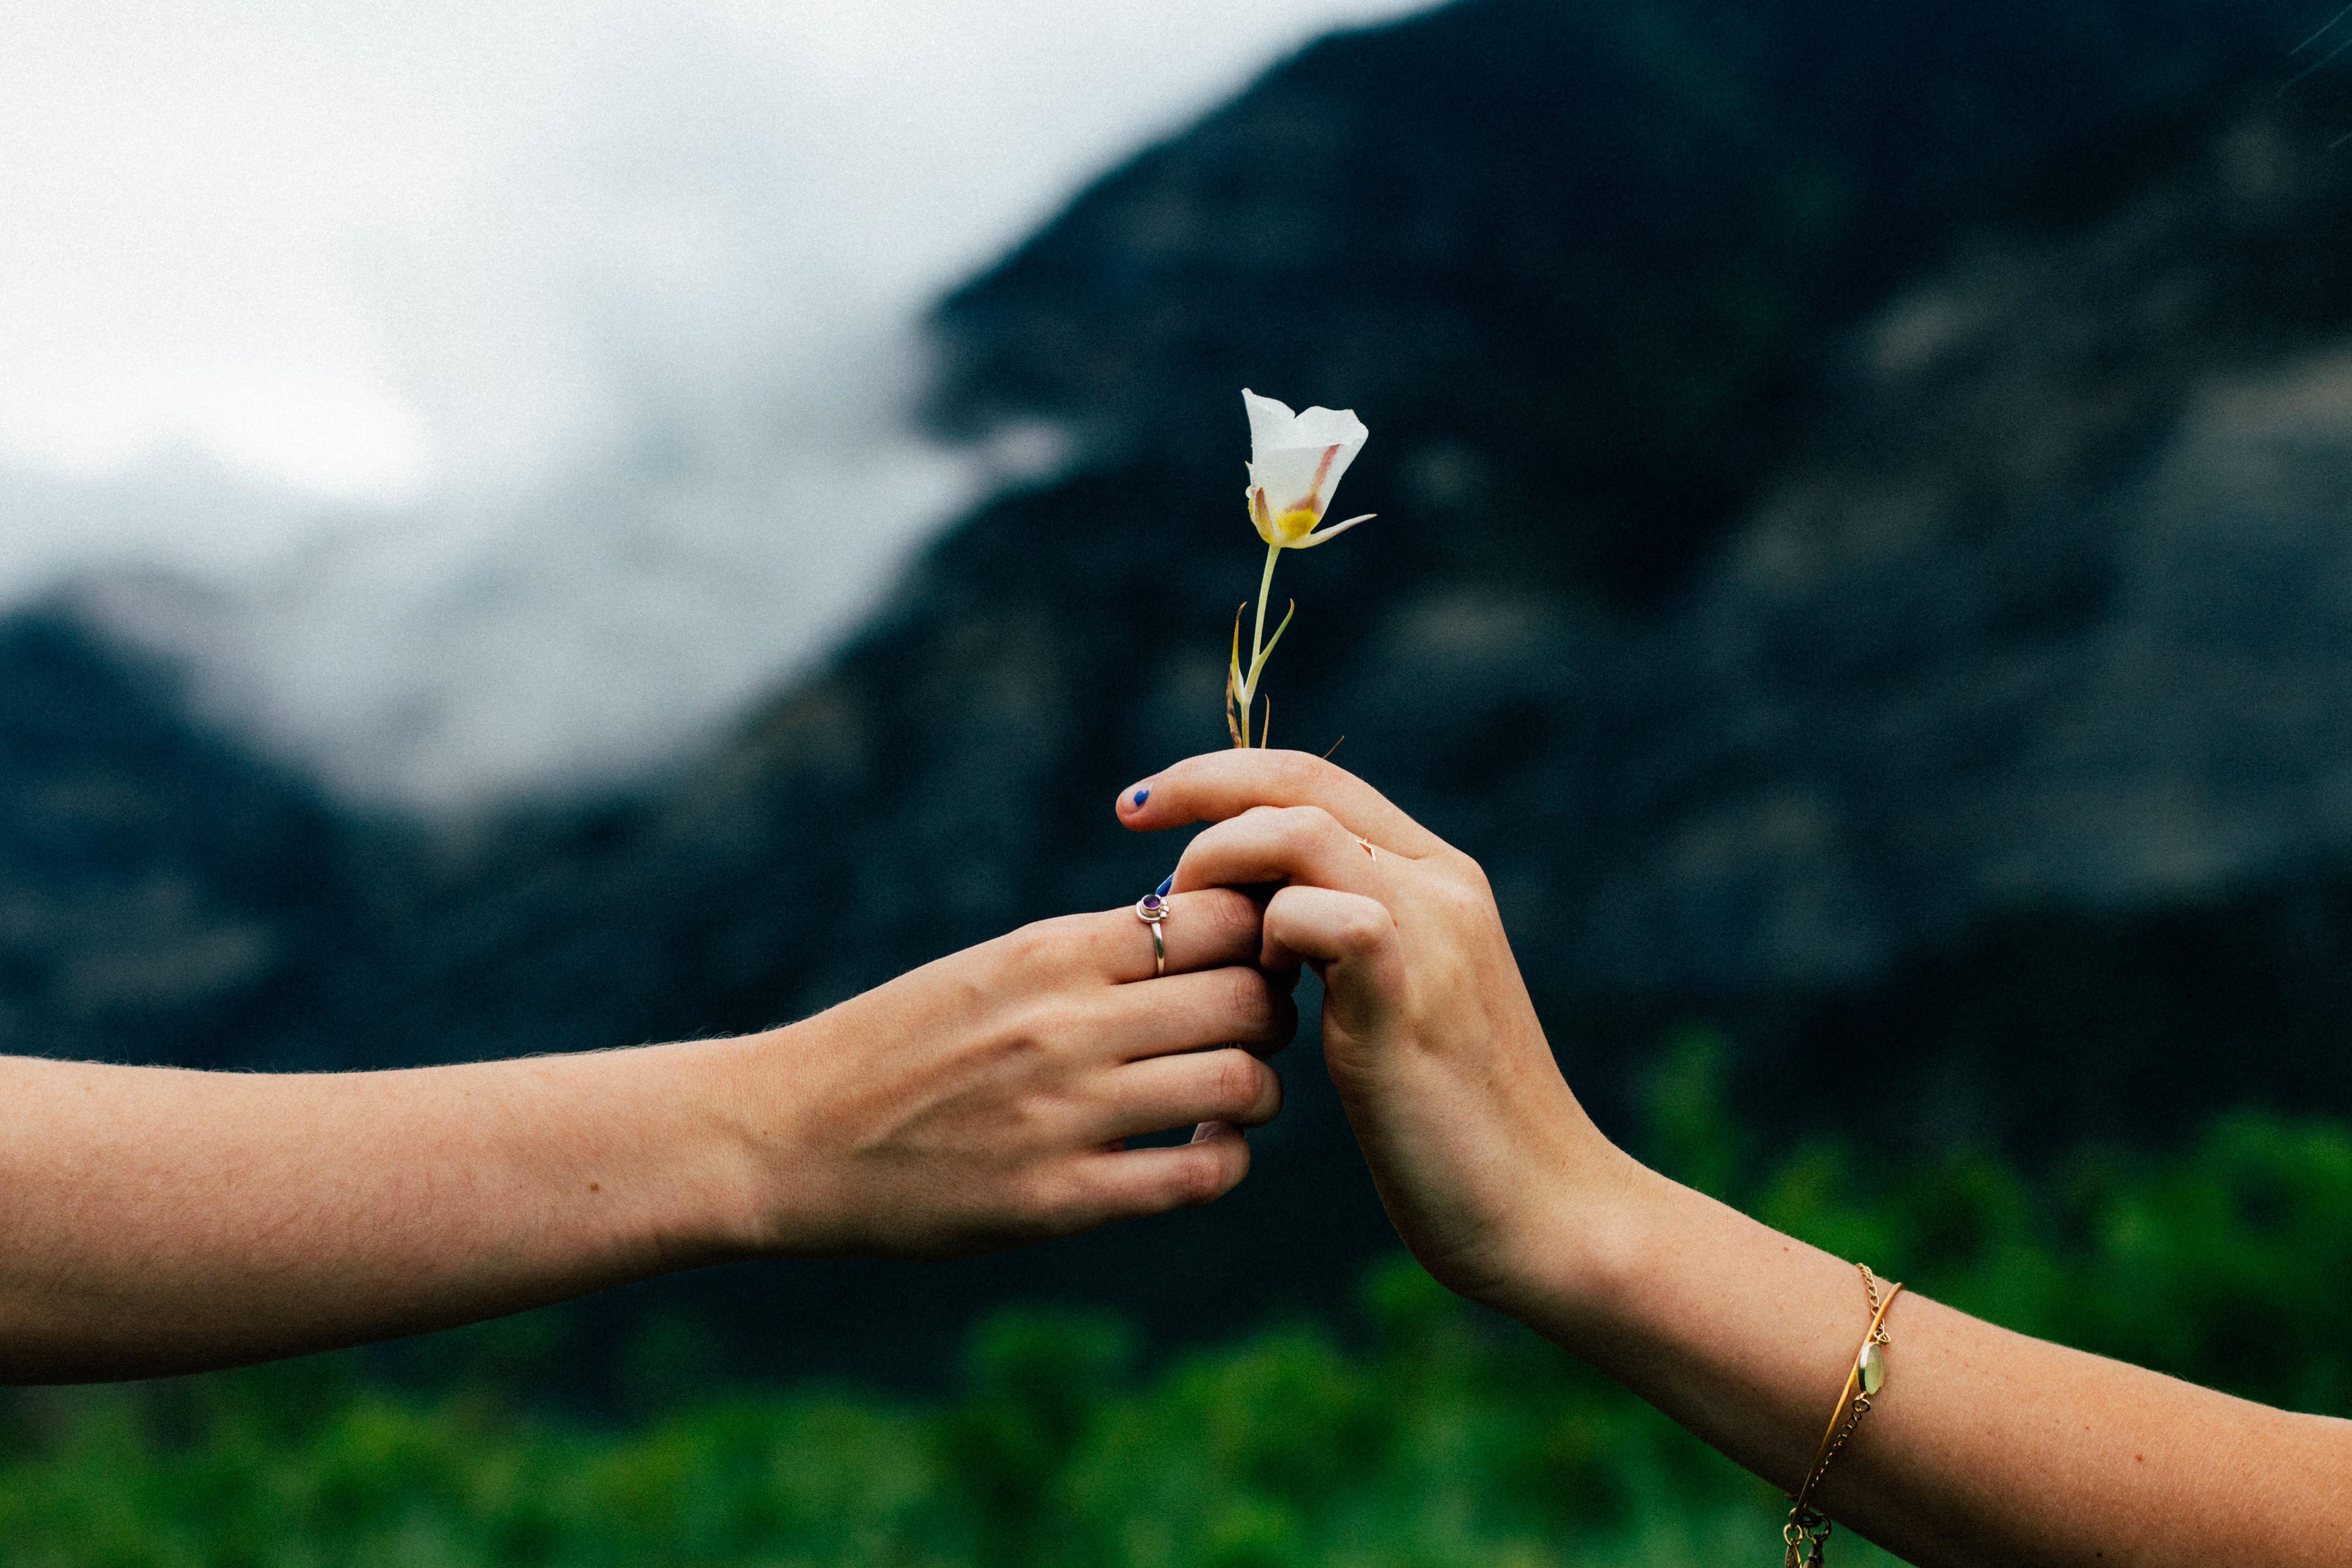 hands_flower